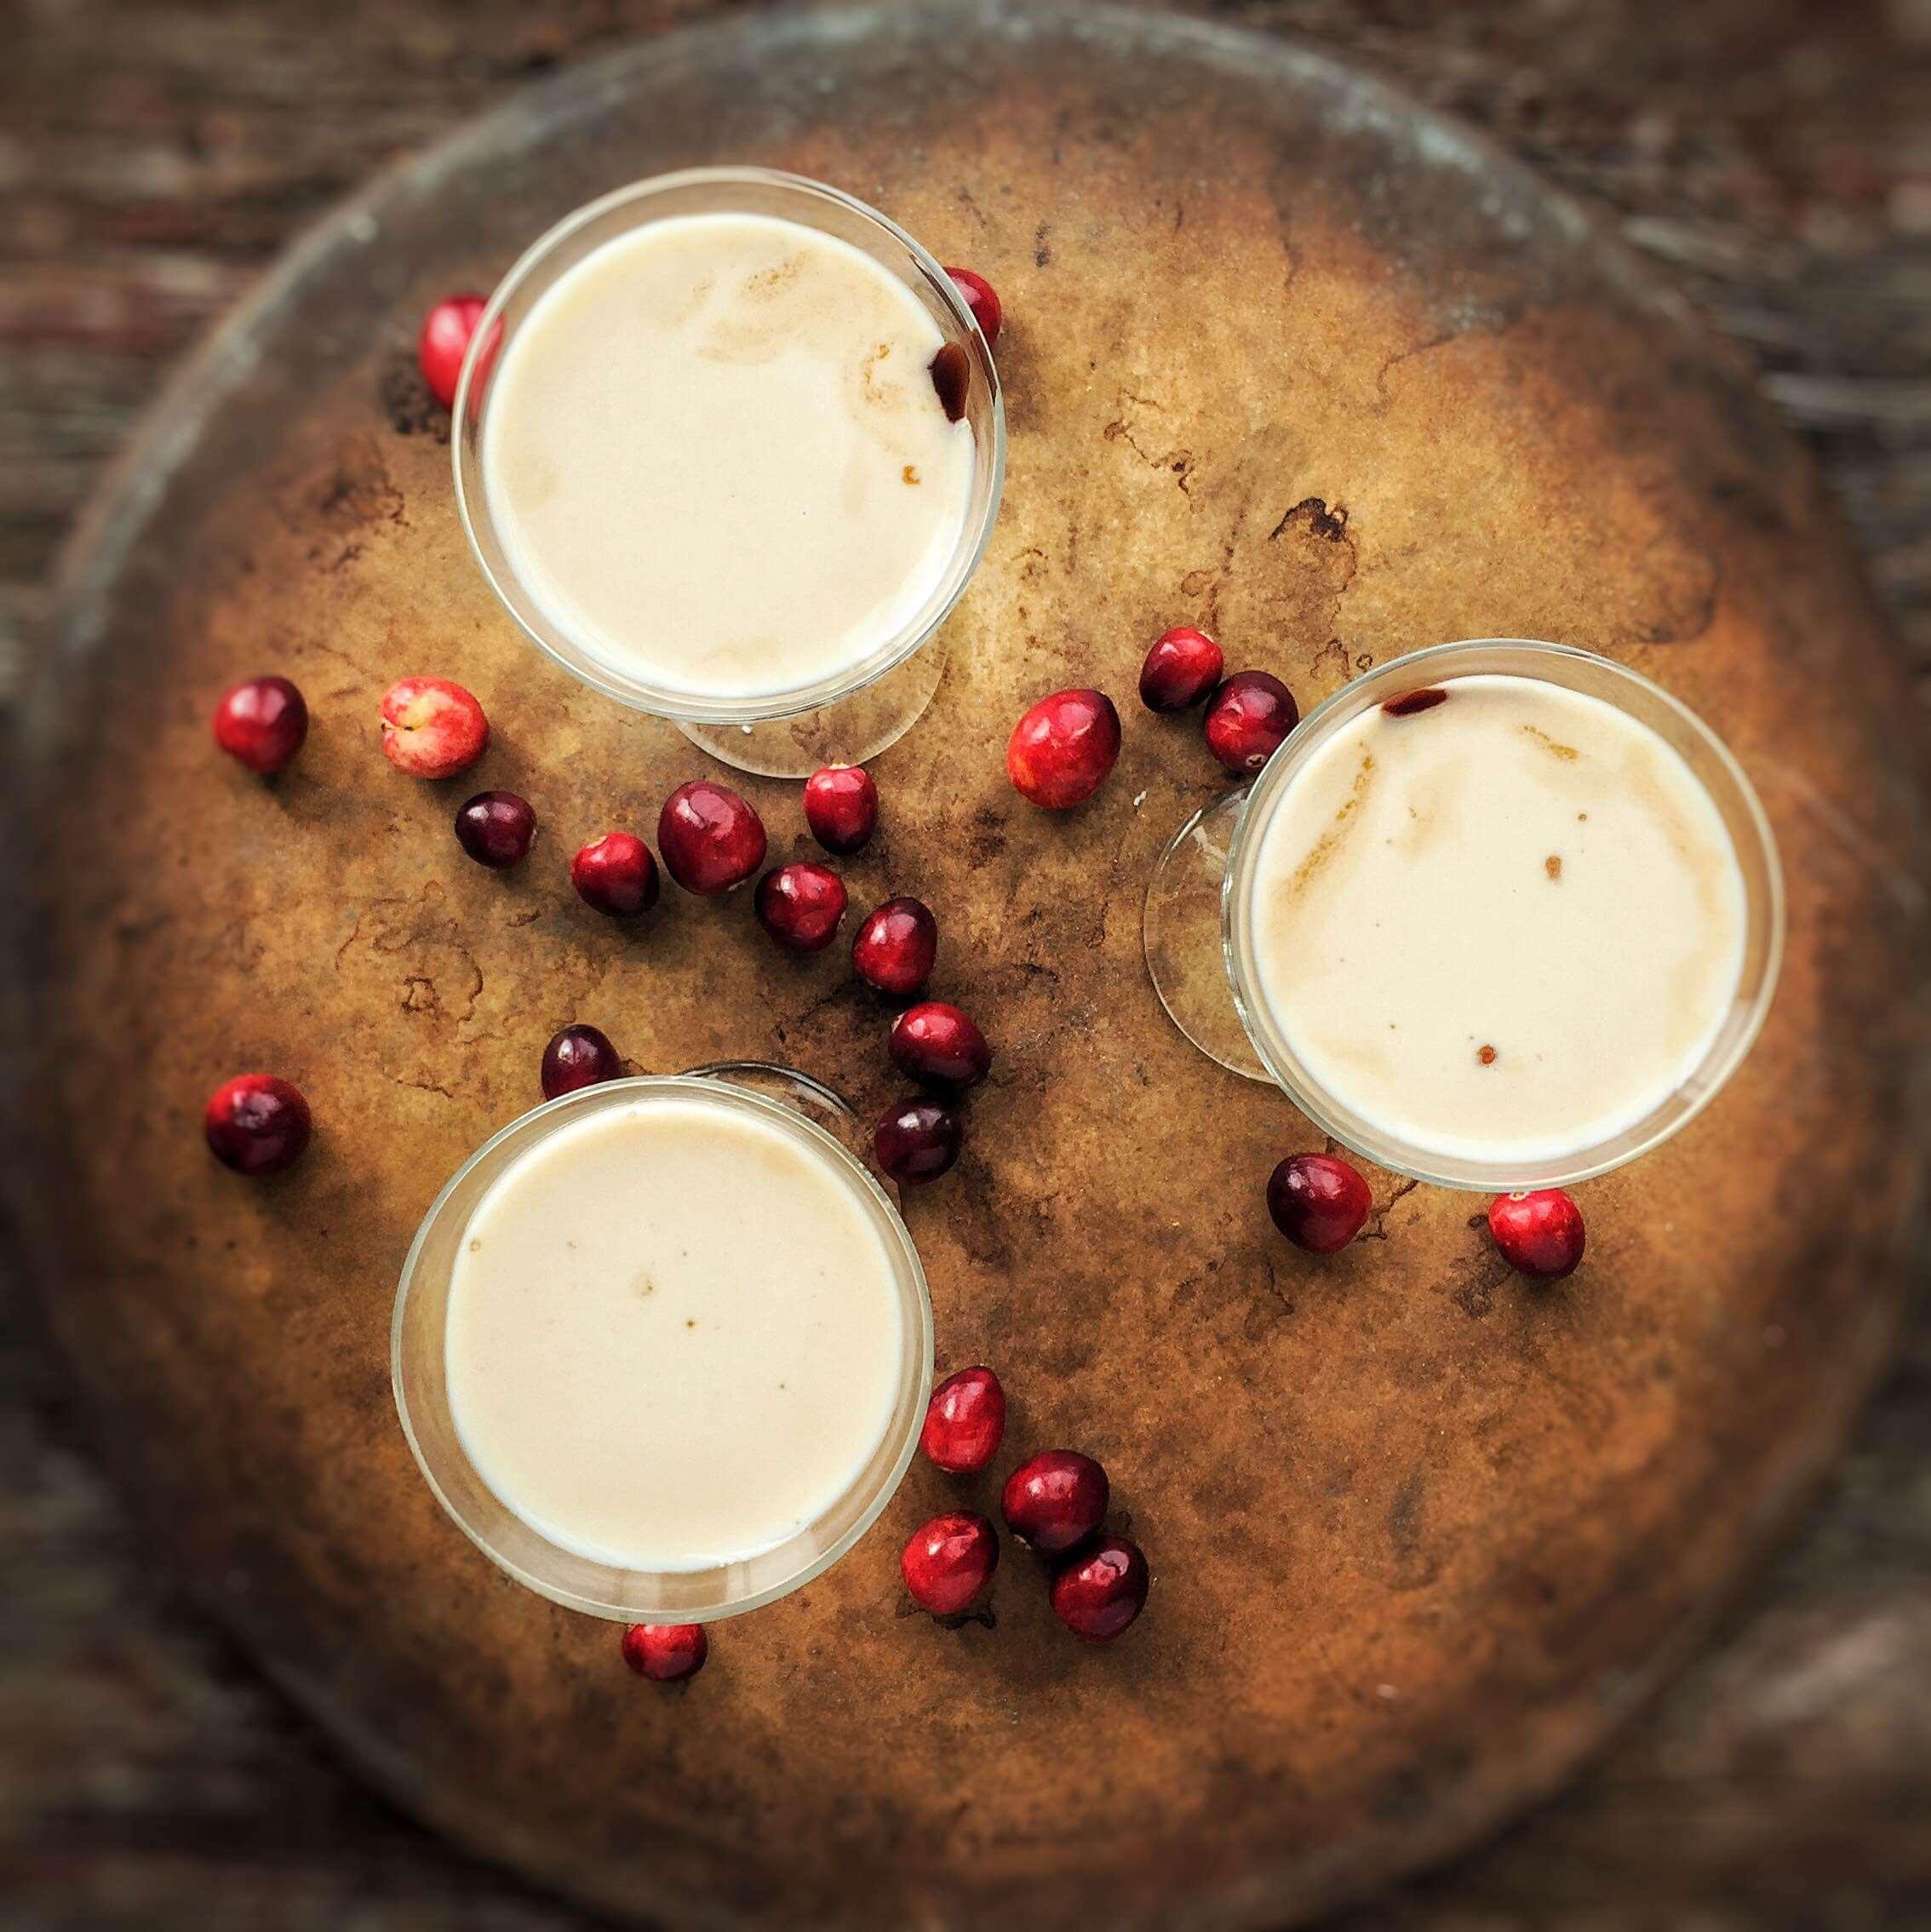 Irish cream recipe that has less calories via createkidsclub.com